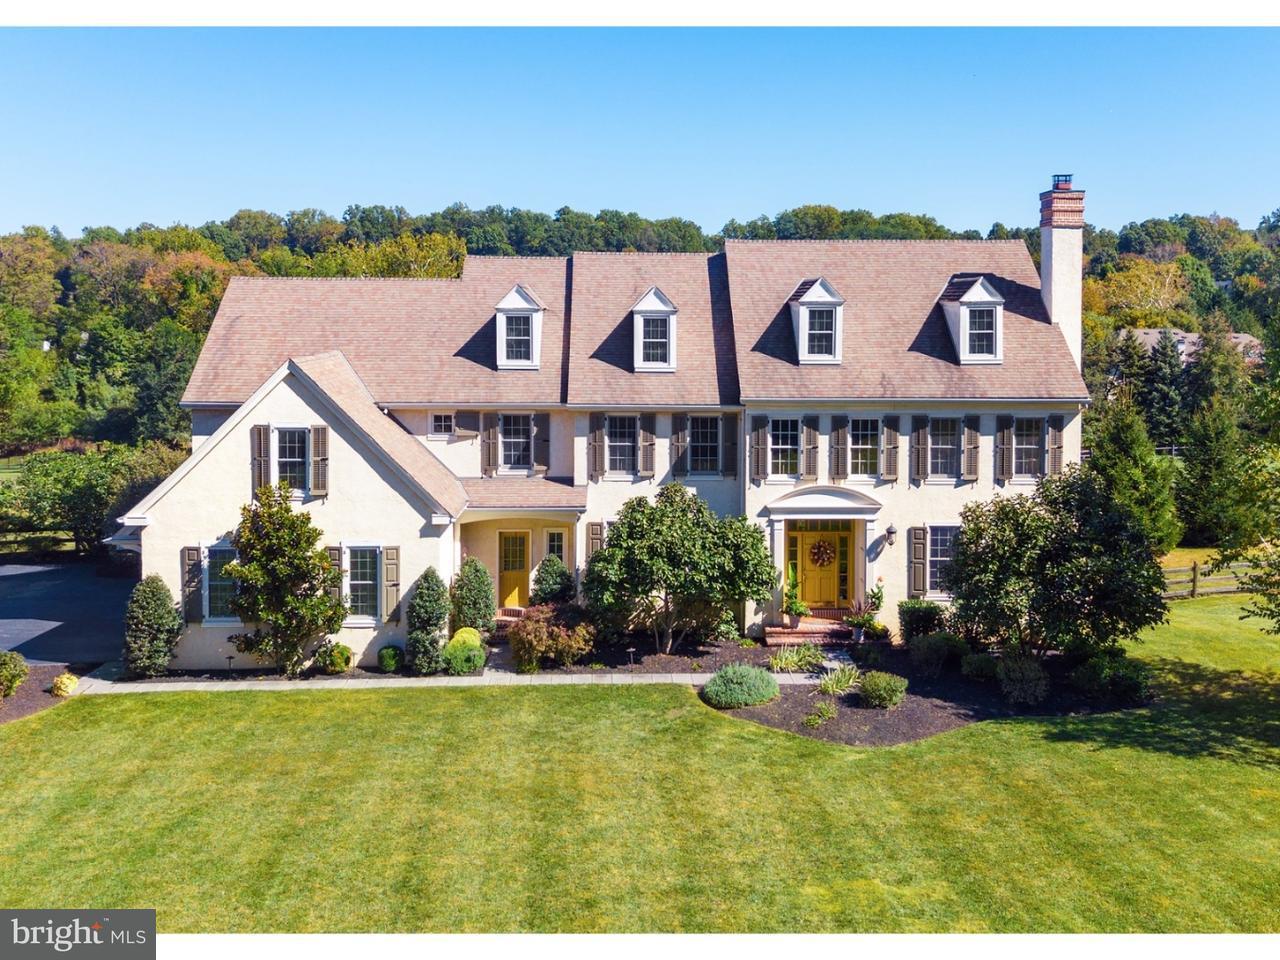 Maison unifamiliale pour l Vente à 101 DIAMOND ROCK Road Phoenixville, Pennsylvanie 19460 États-Unis